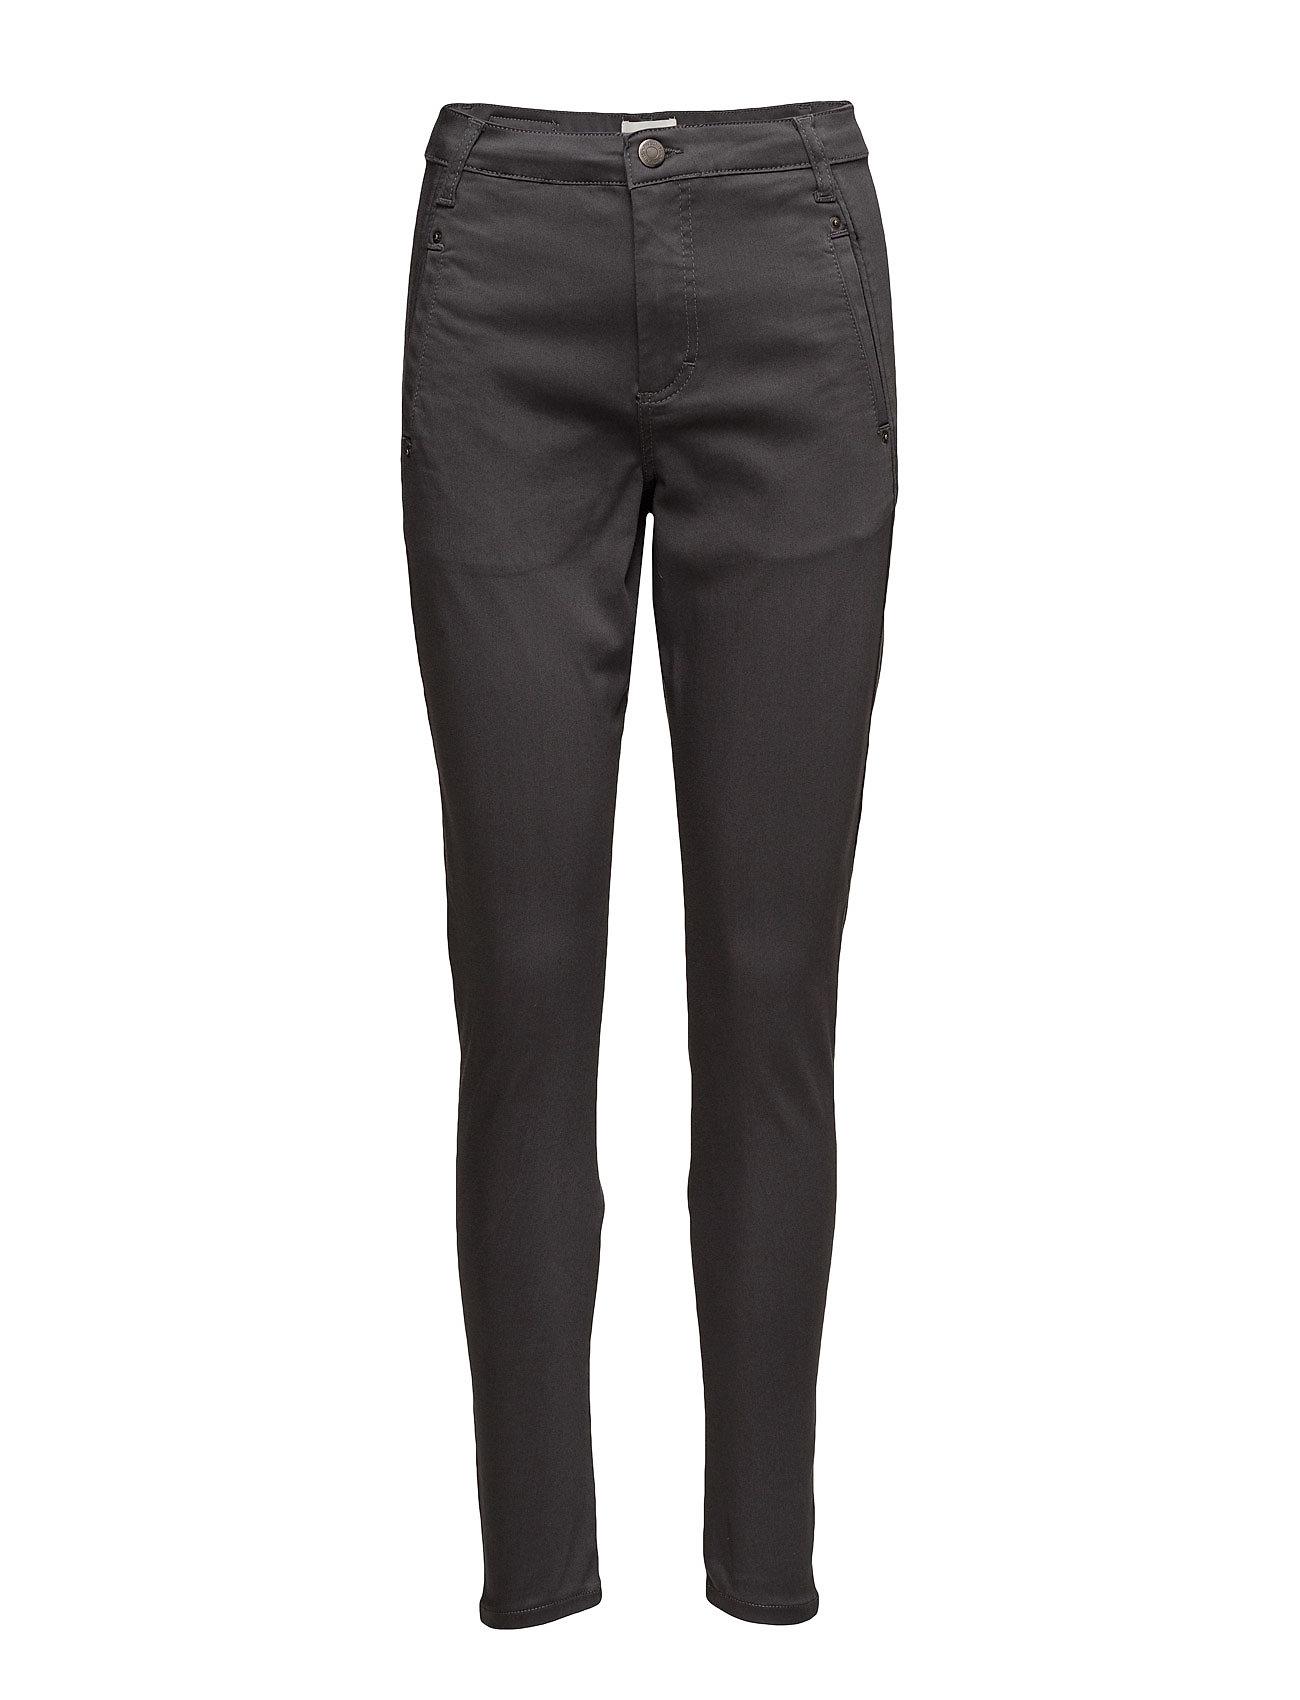 Jolie 606 Magnet Pants (2628469701)